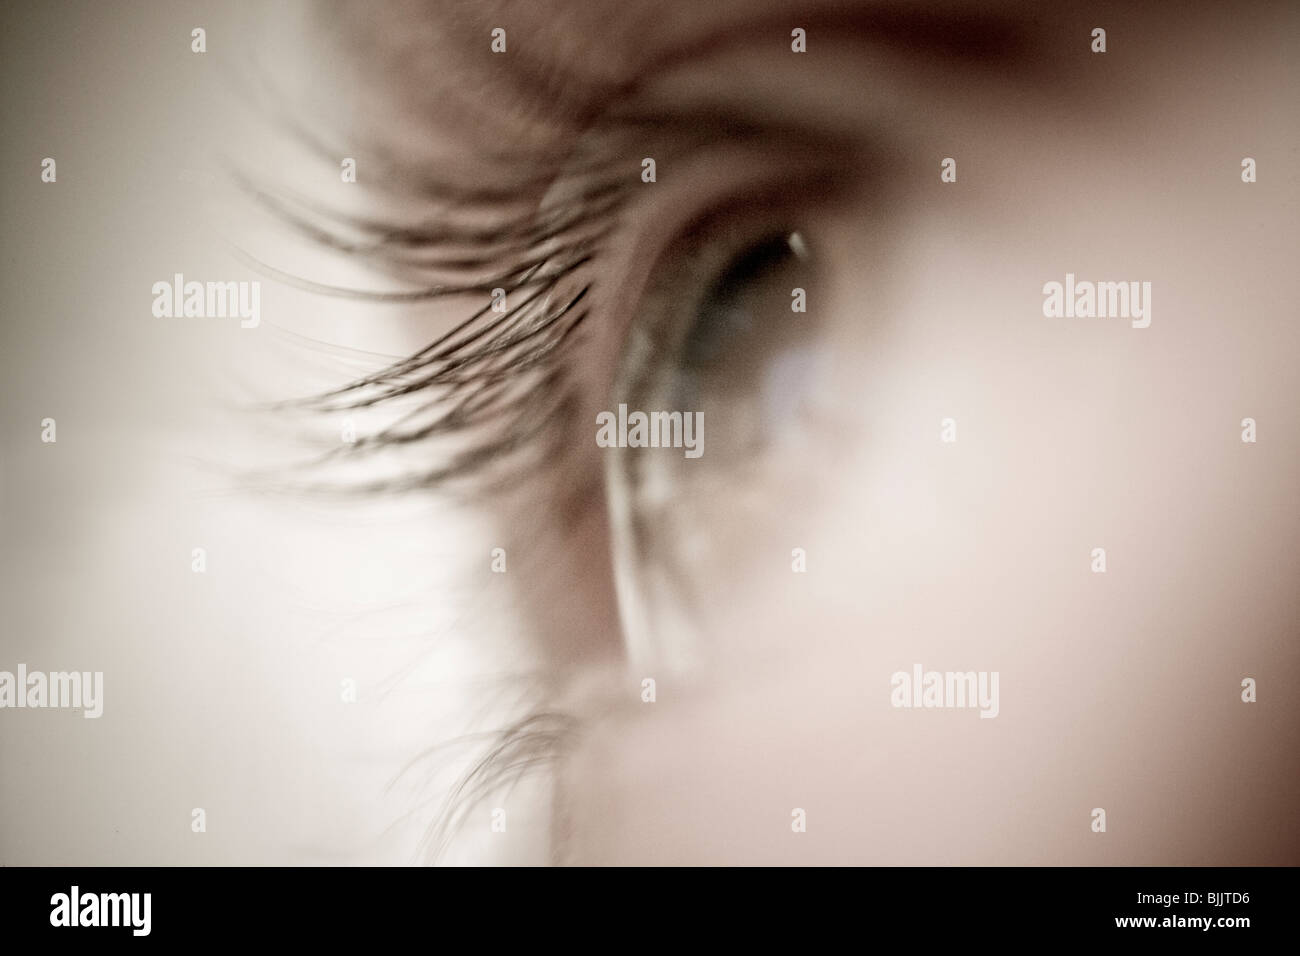 Cerrar de ojos de mujer y las pestañas mirando en la distancia, suave y difusa, monocromática Imagen De Stock